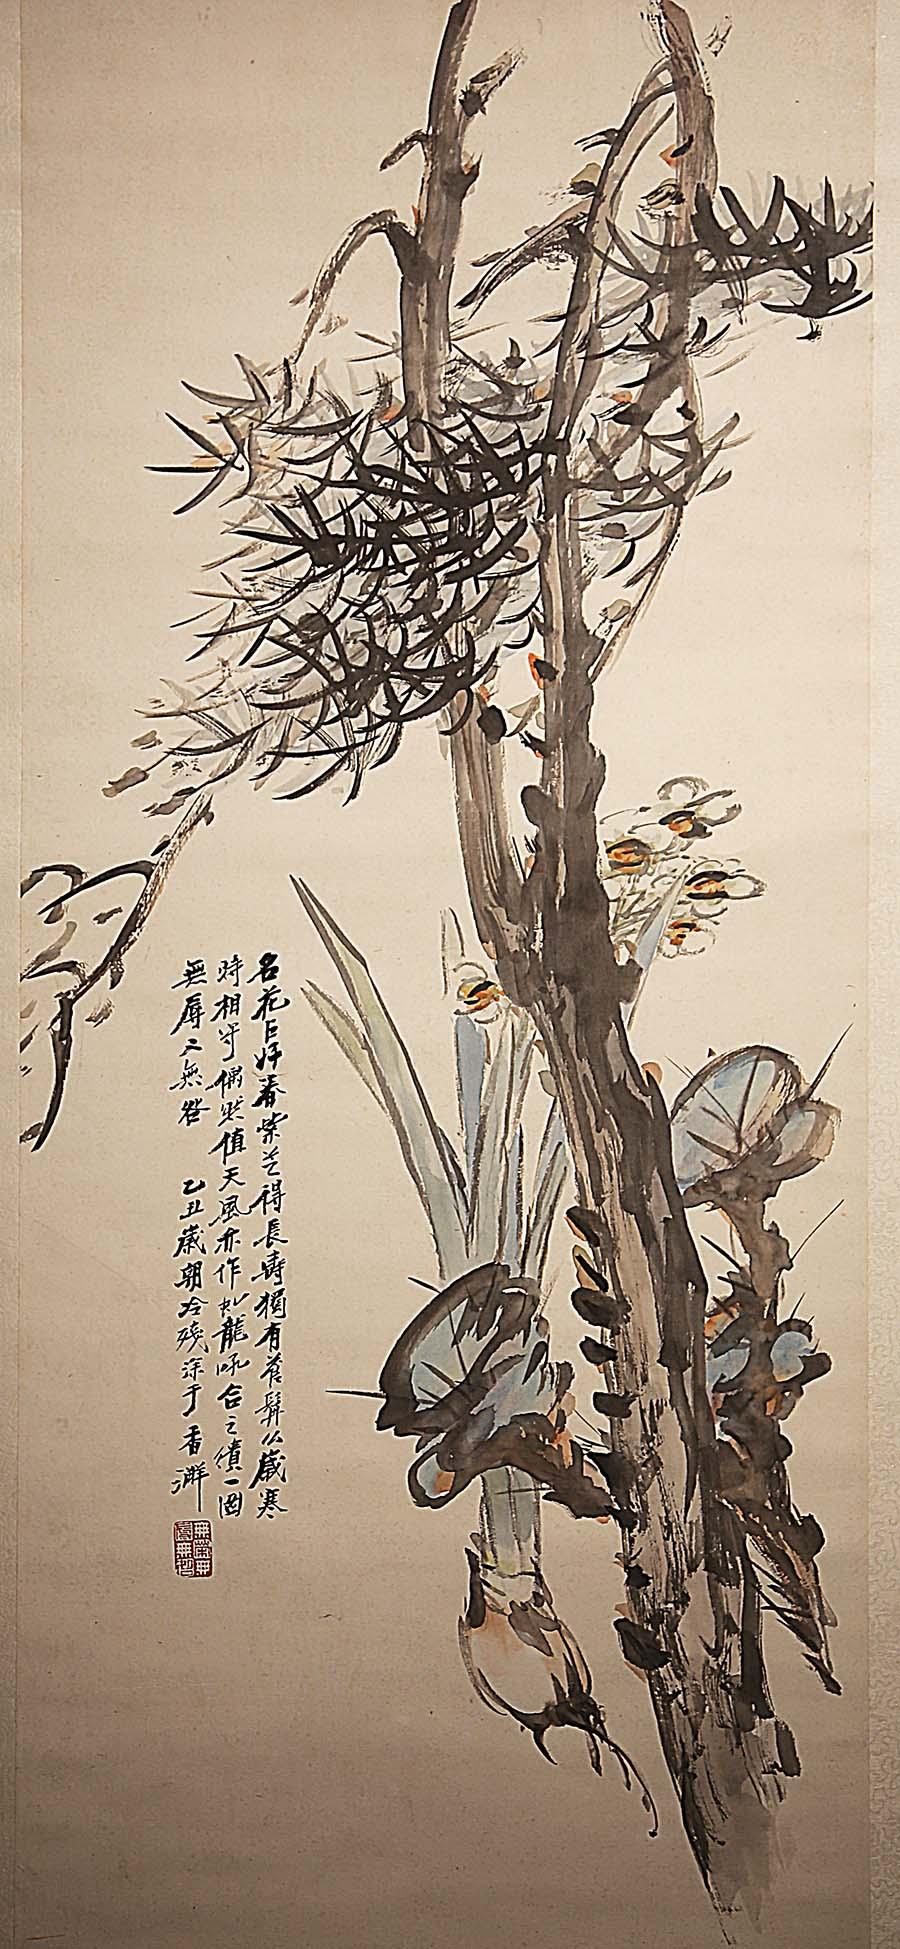 潘达微《松树水仙图轴》中国画 1925年 广东省博物馆藏